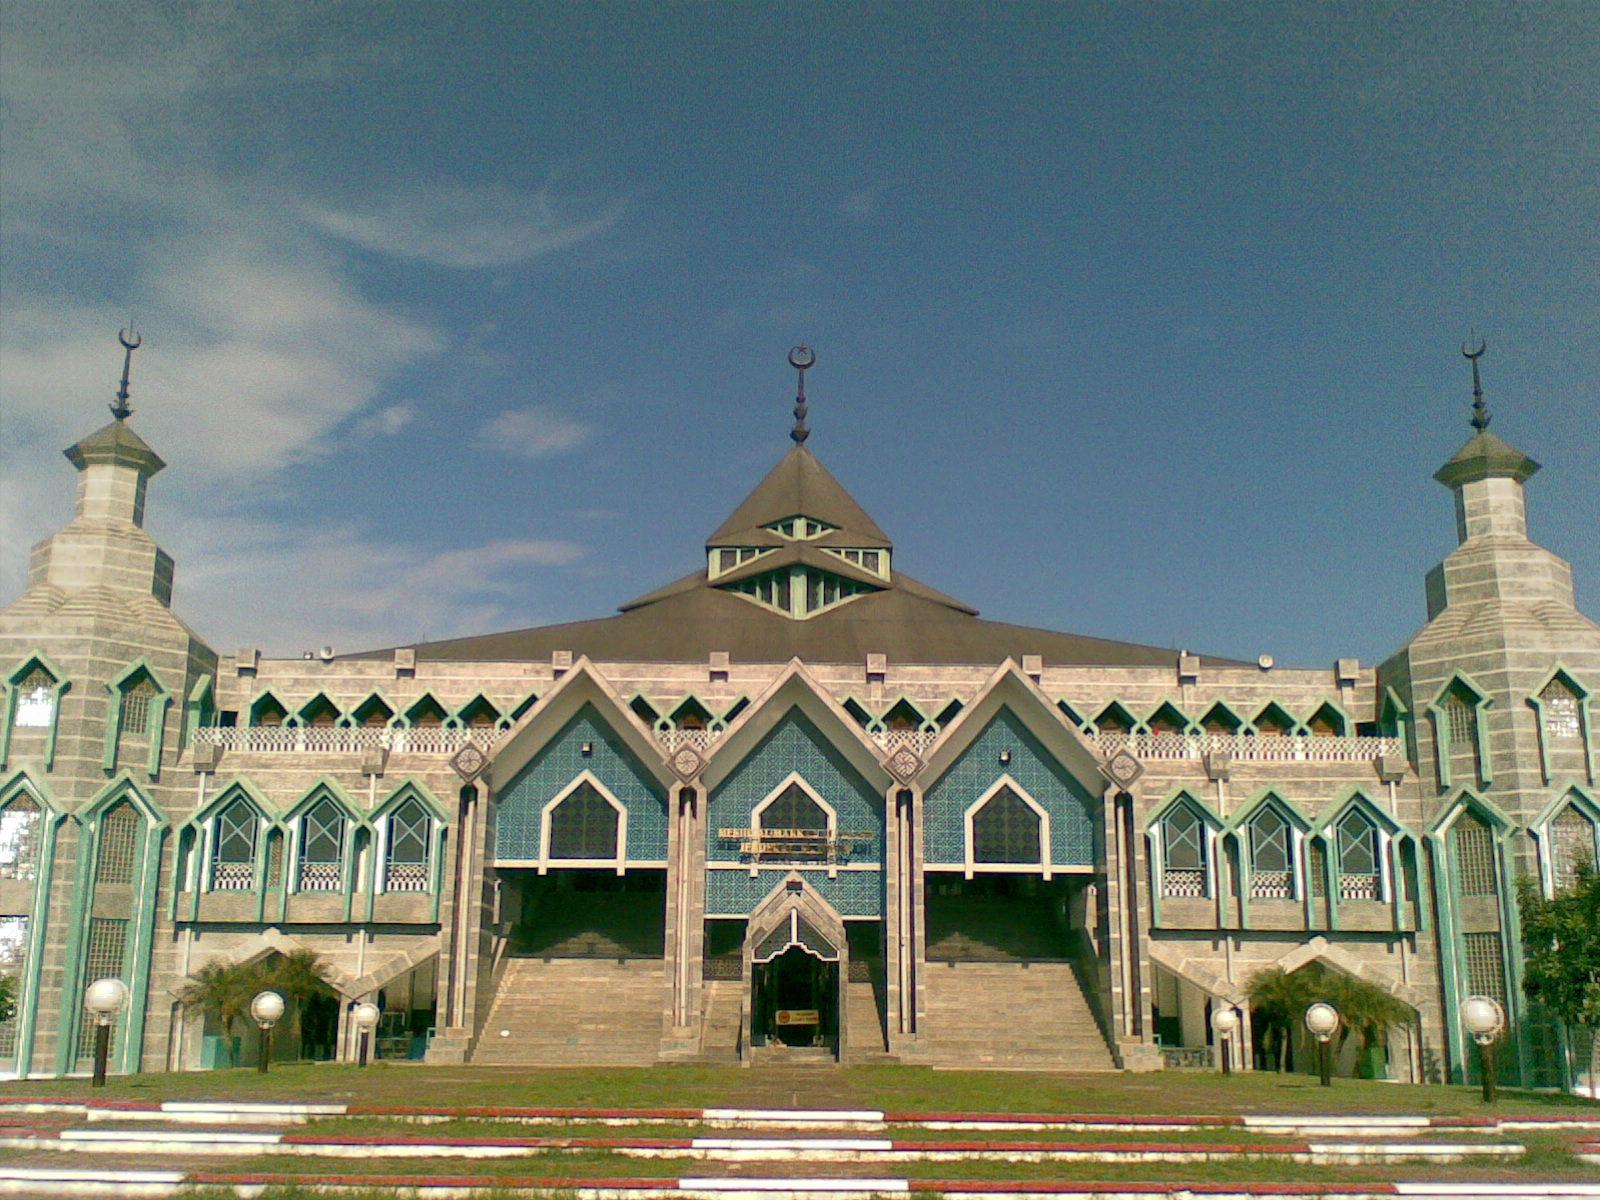 Sistem Informasi Masjid Indonesia Profil Mushalla Sulawesi Selatan Kota Makassar